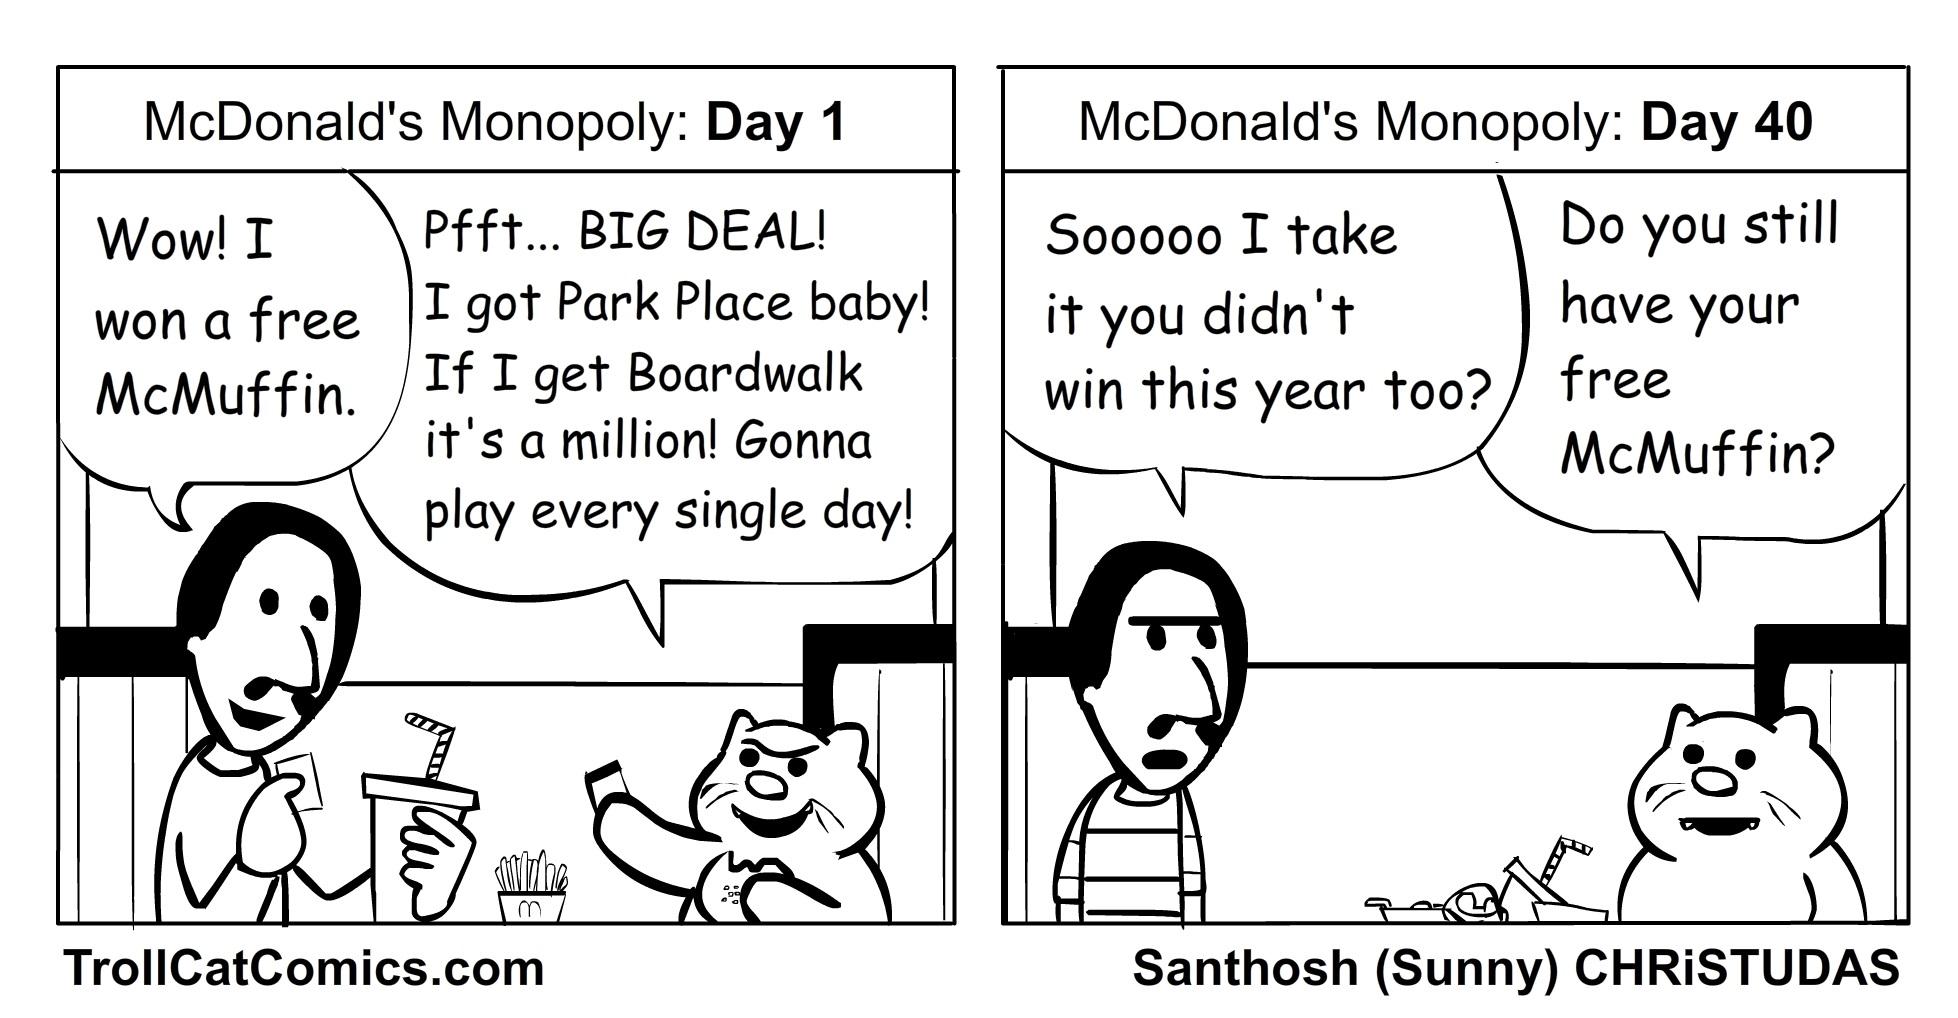 1418706_150861387643_monopoly-mcd.jpg